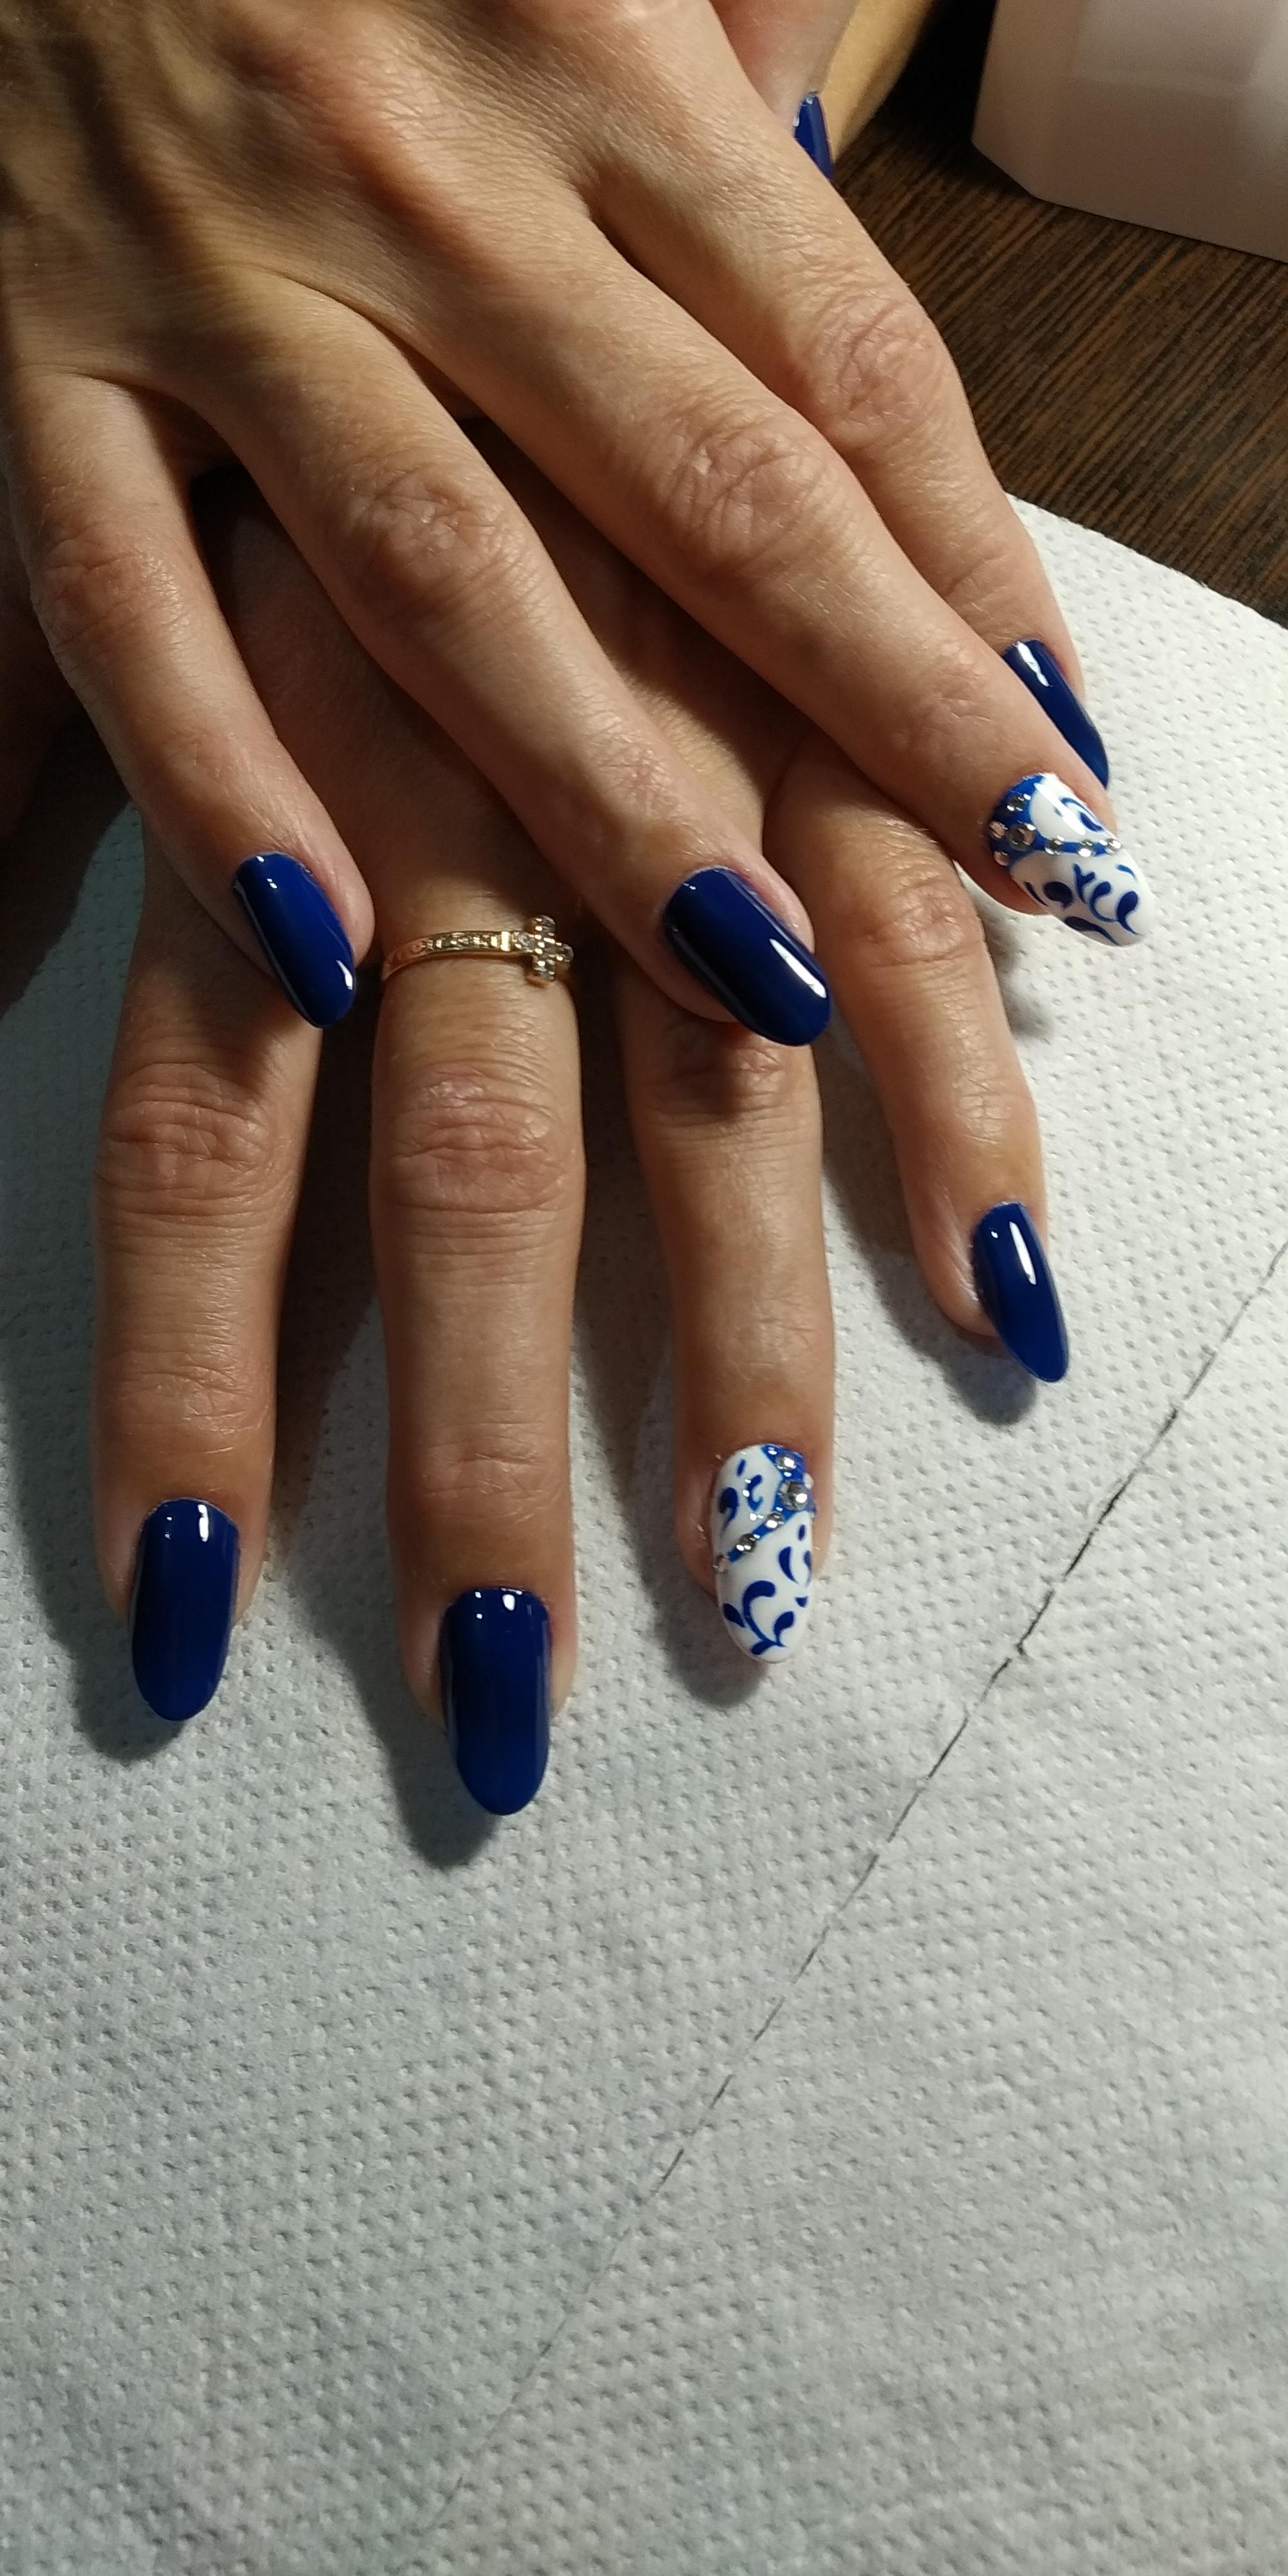 Маникюр в тёмно-синем цвете с контрастным белым дизайном, с синими вензелями и стразами.